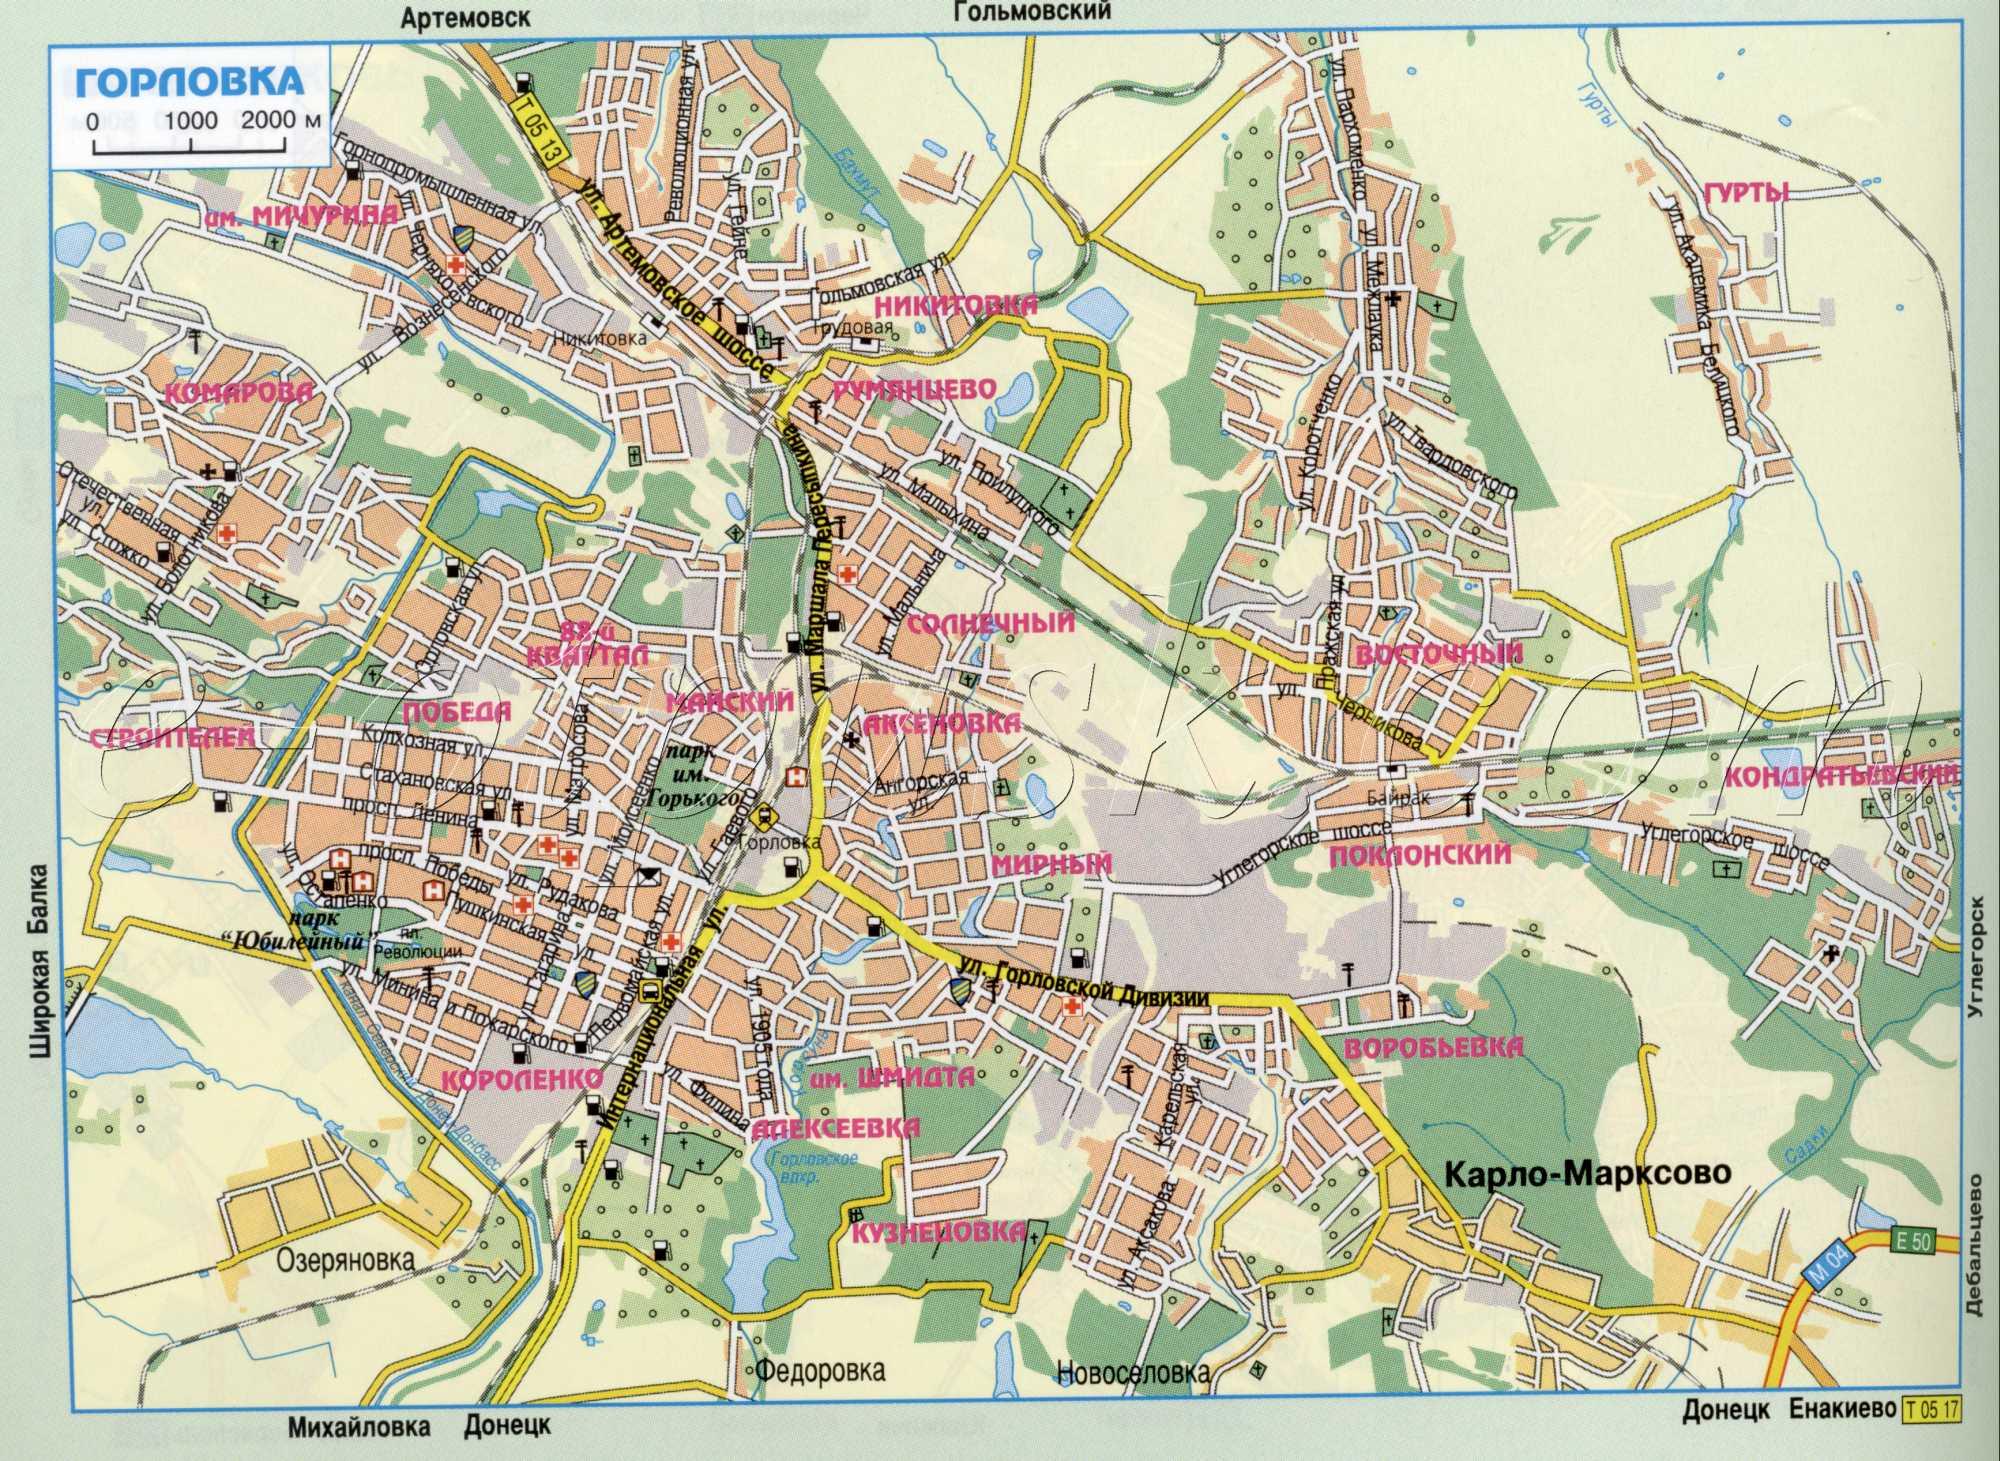 Карта Горловки автомобильная.  Подробная карта схема улиц города Горловка Донецкой области.  Скачать бесплатно.